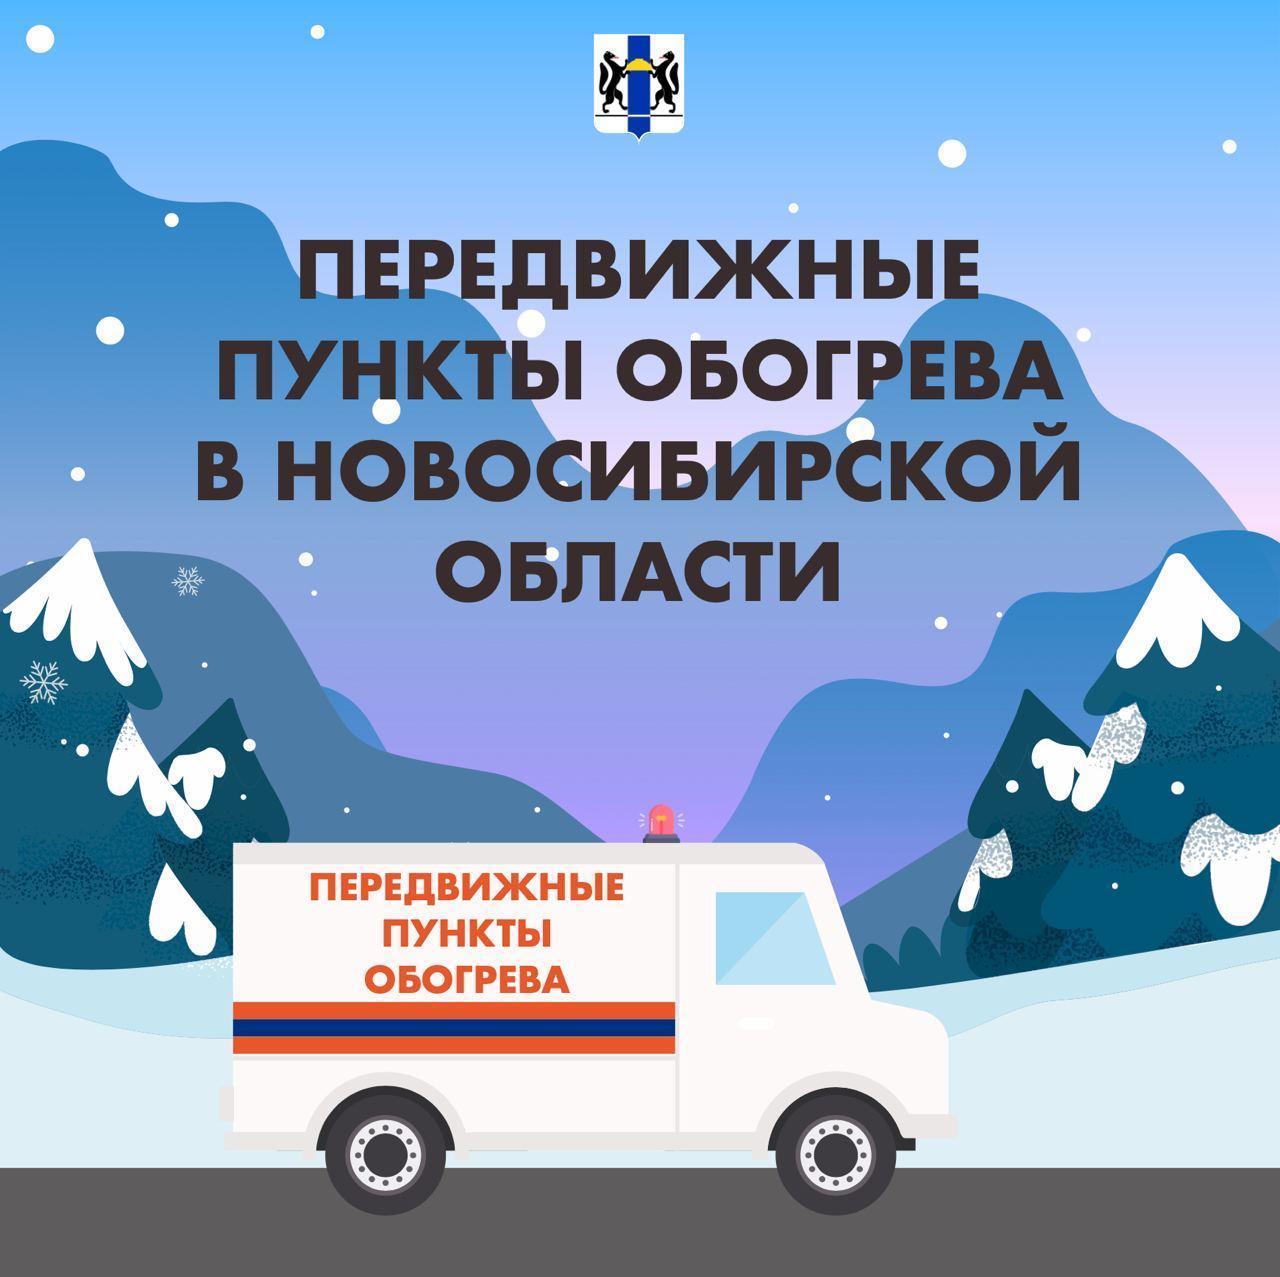 фото Кто поможет в мороз на трассе: полезная информация в картинках от новосибирского правительства 2